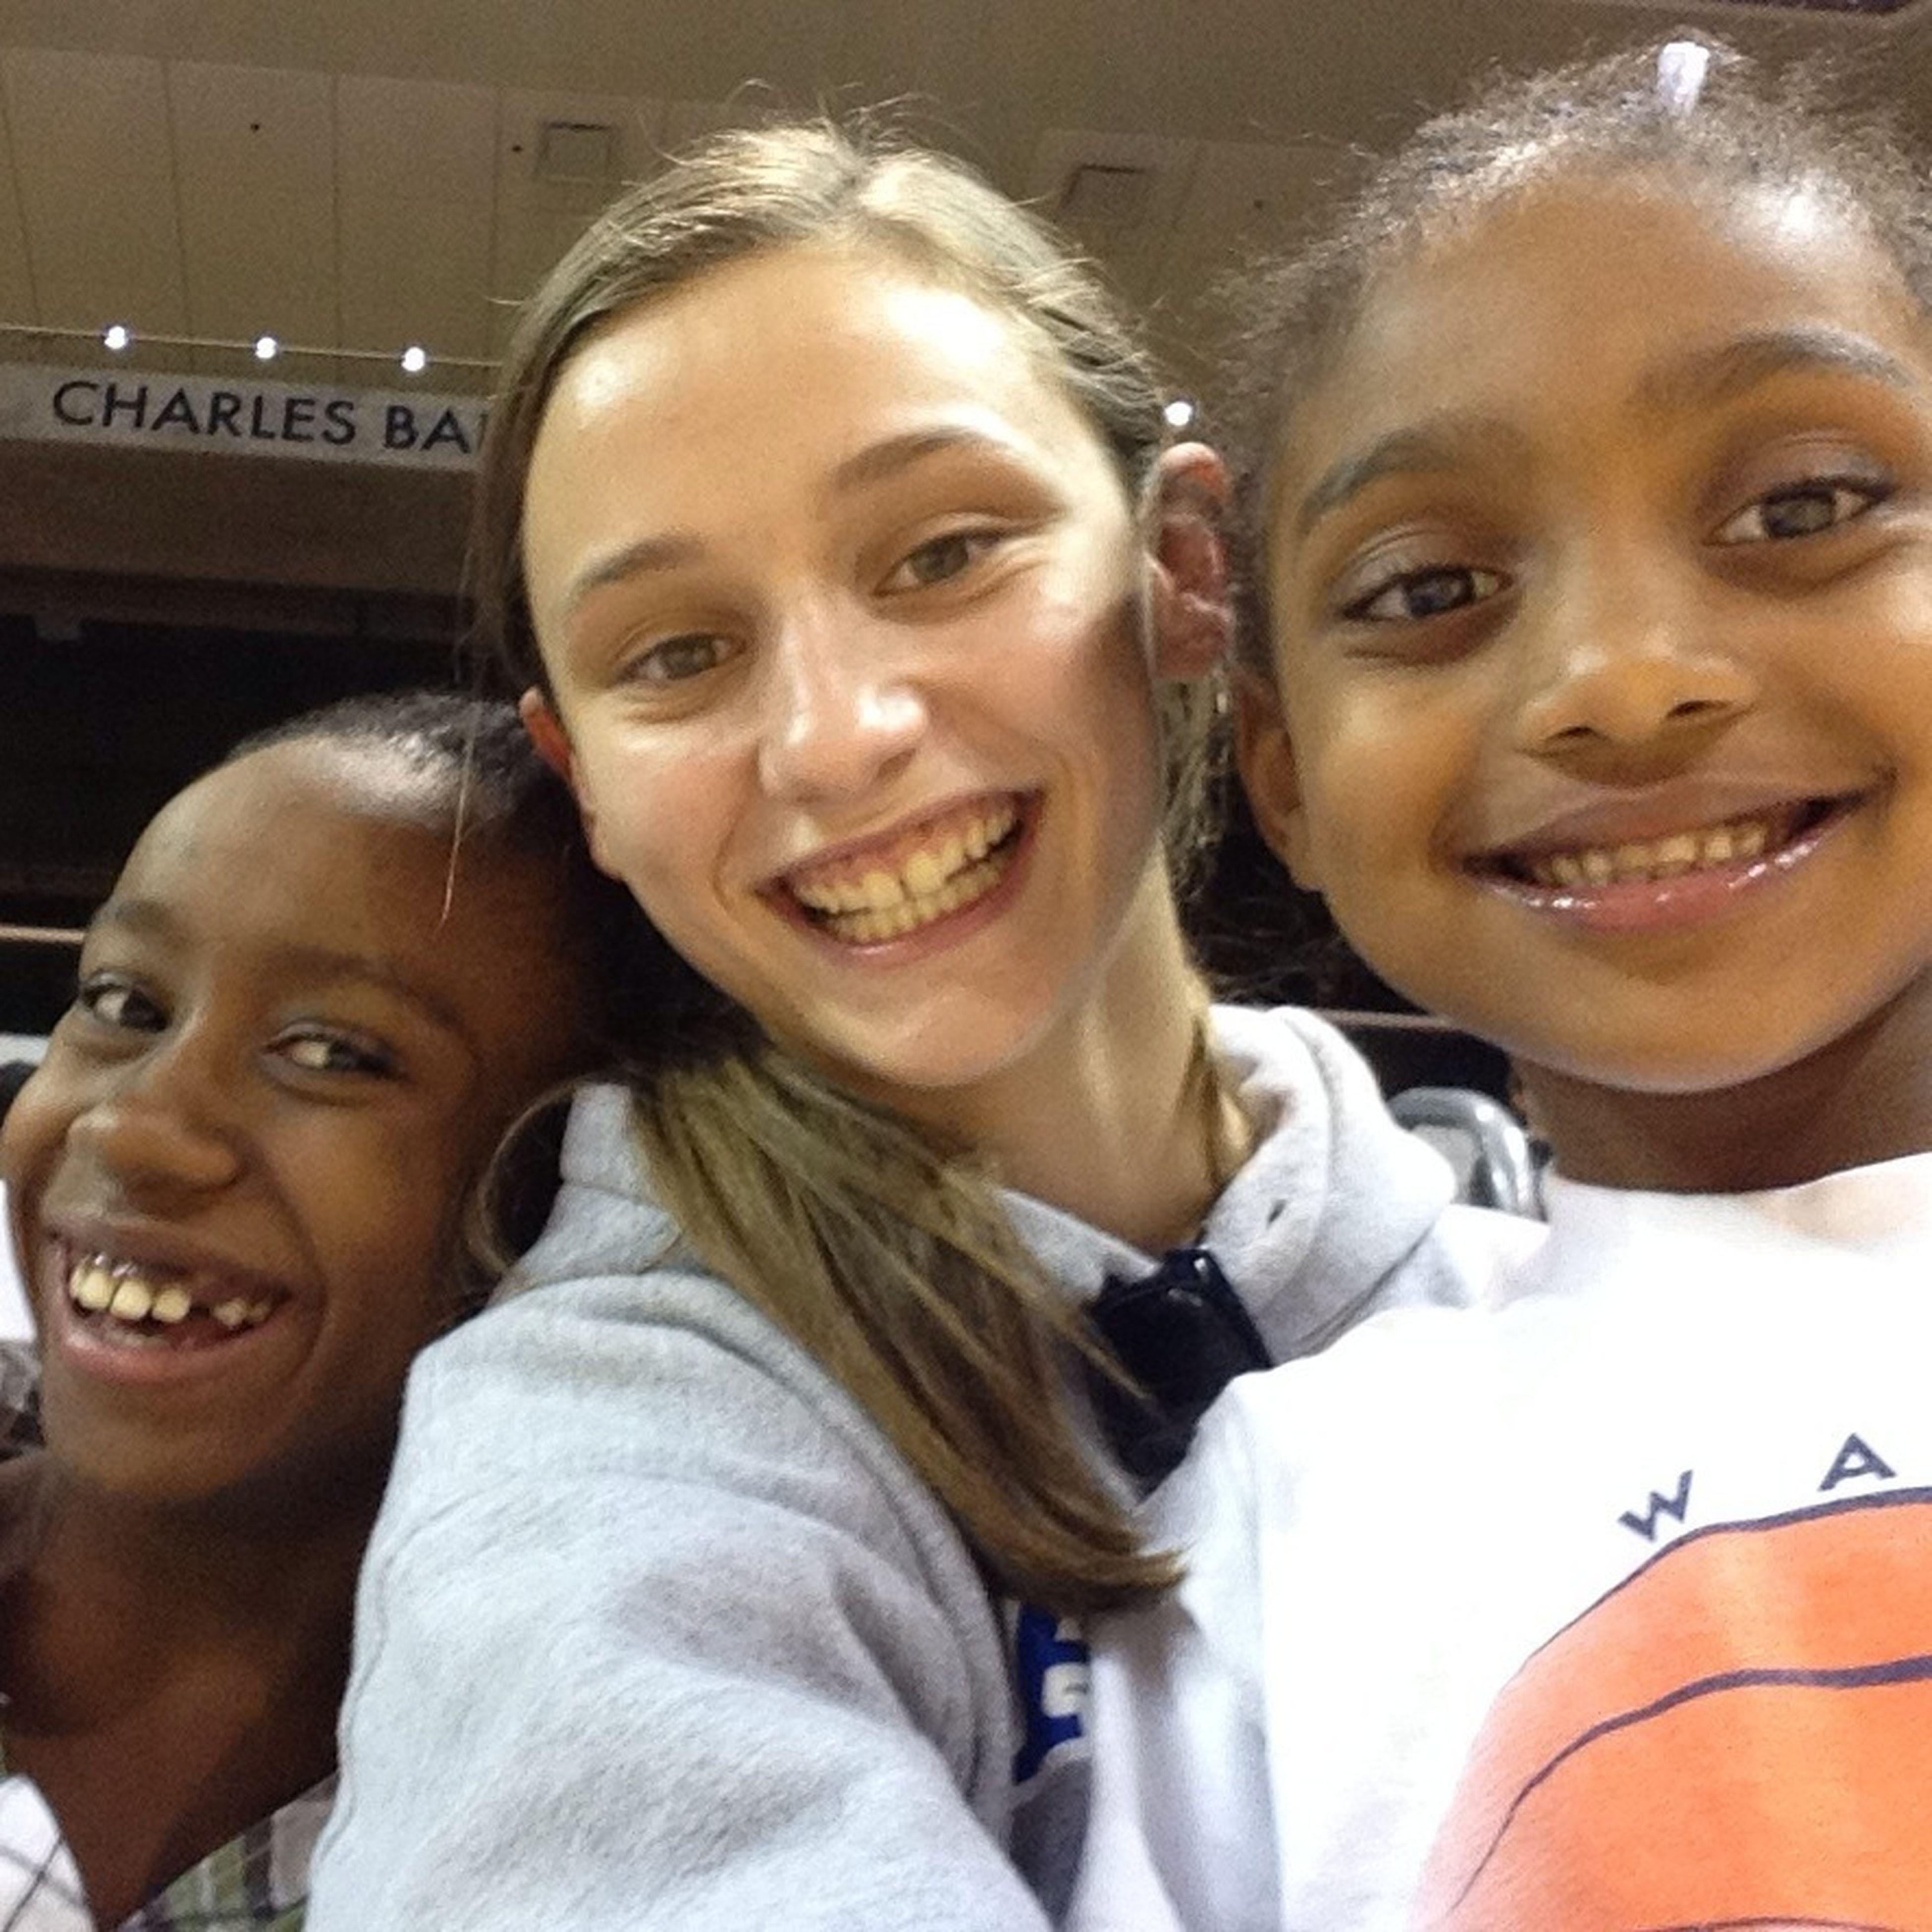 Had Fun Tonight With These Girls!